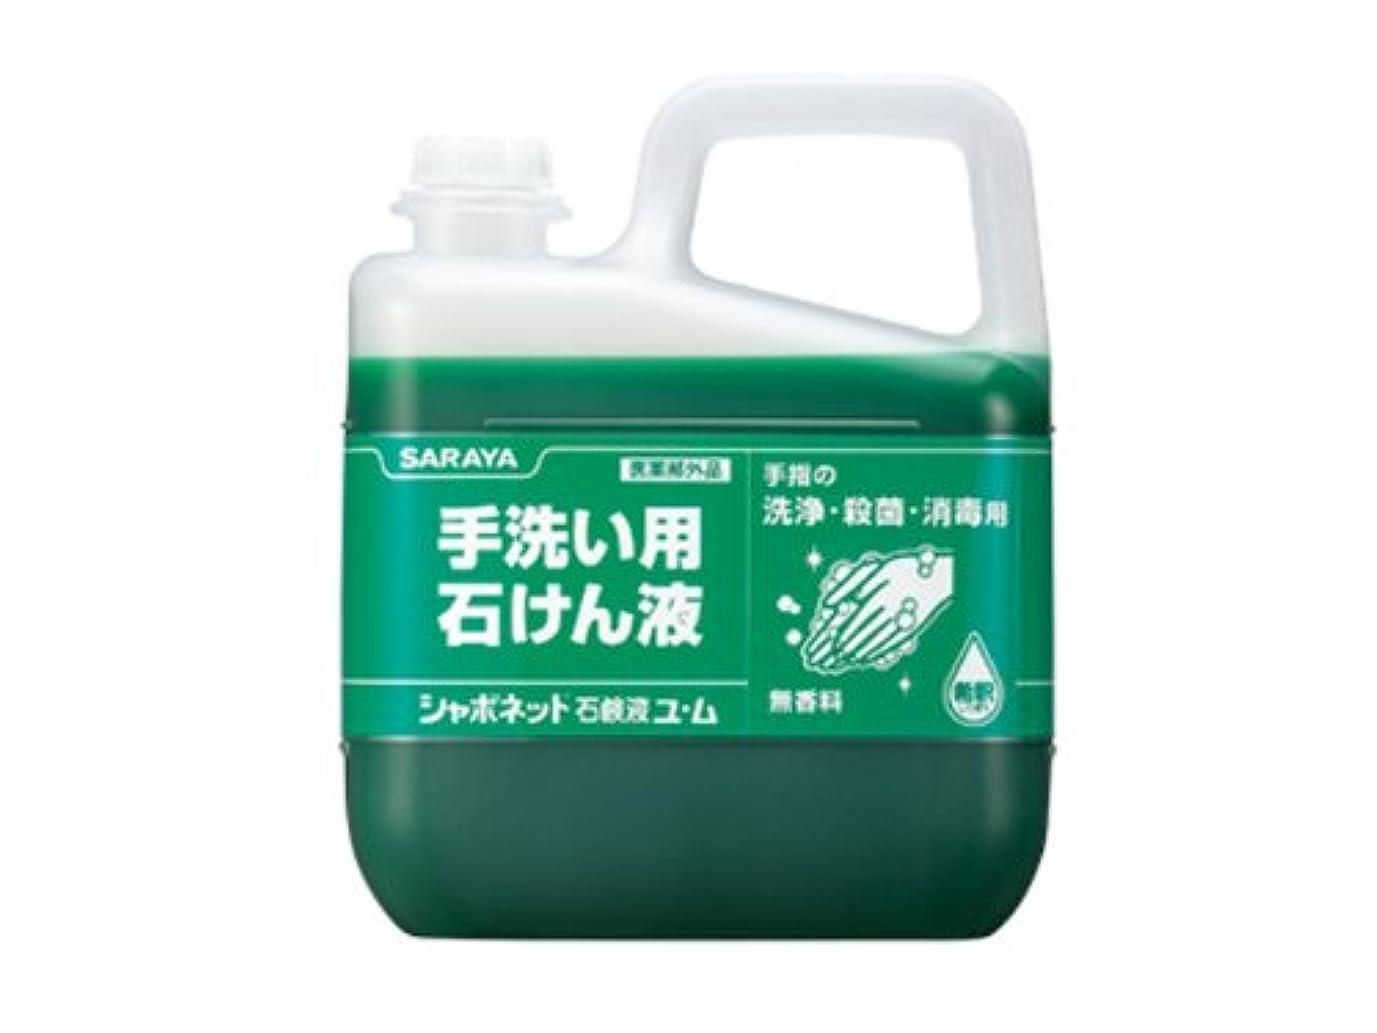 飛行機慎重に酸化物サラヤ シャボネット石鹸液ユ?ム 5KgX3本入り